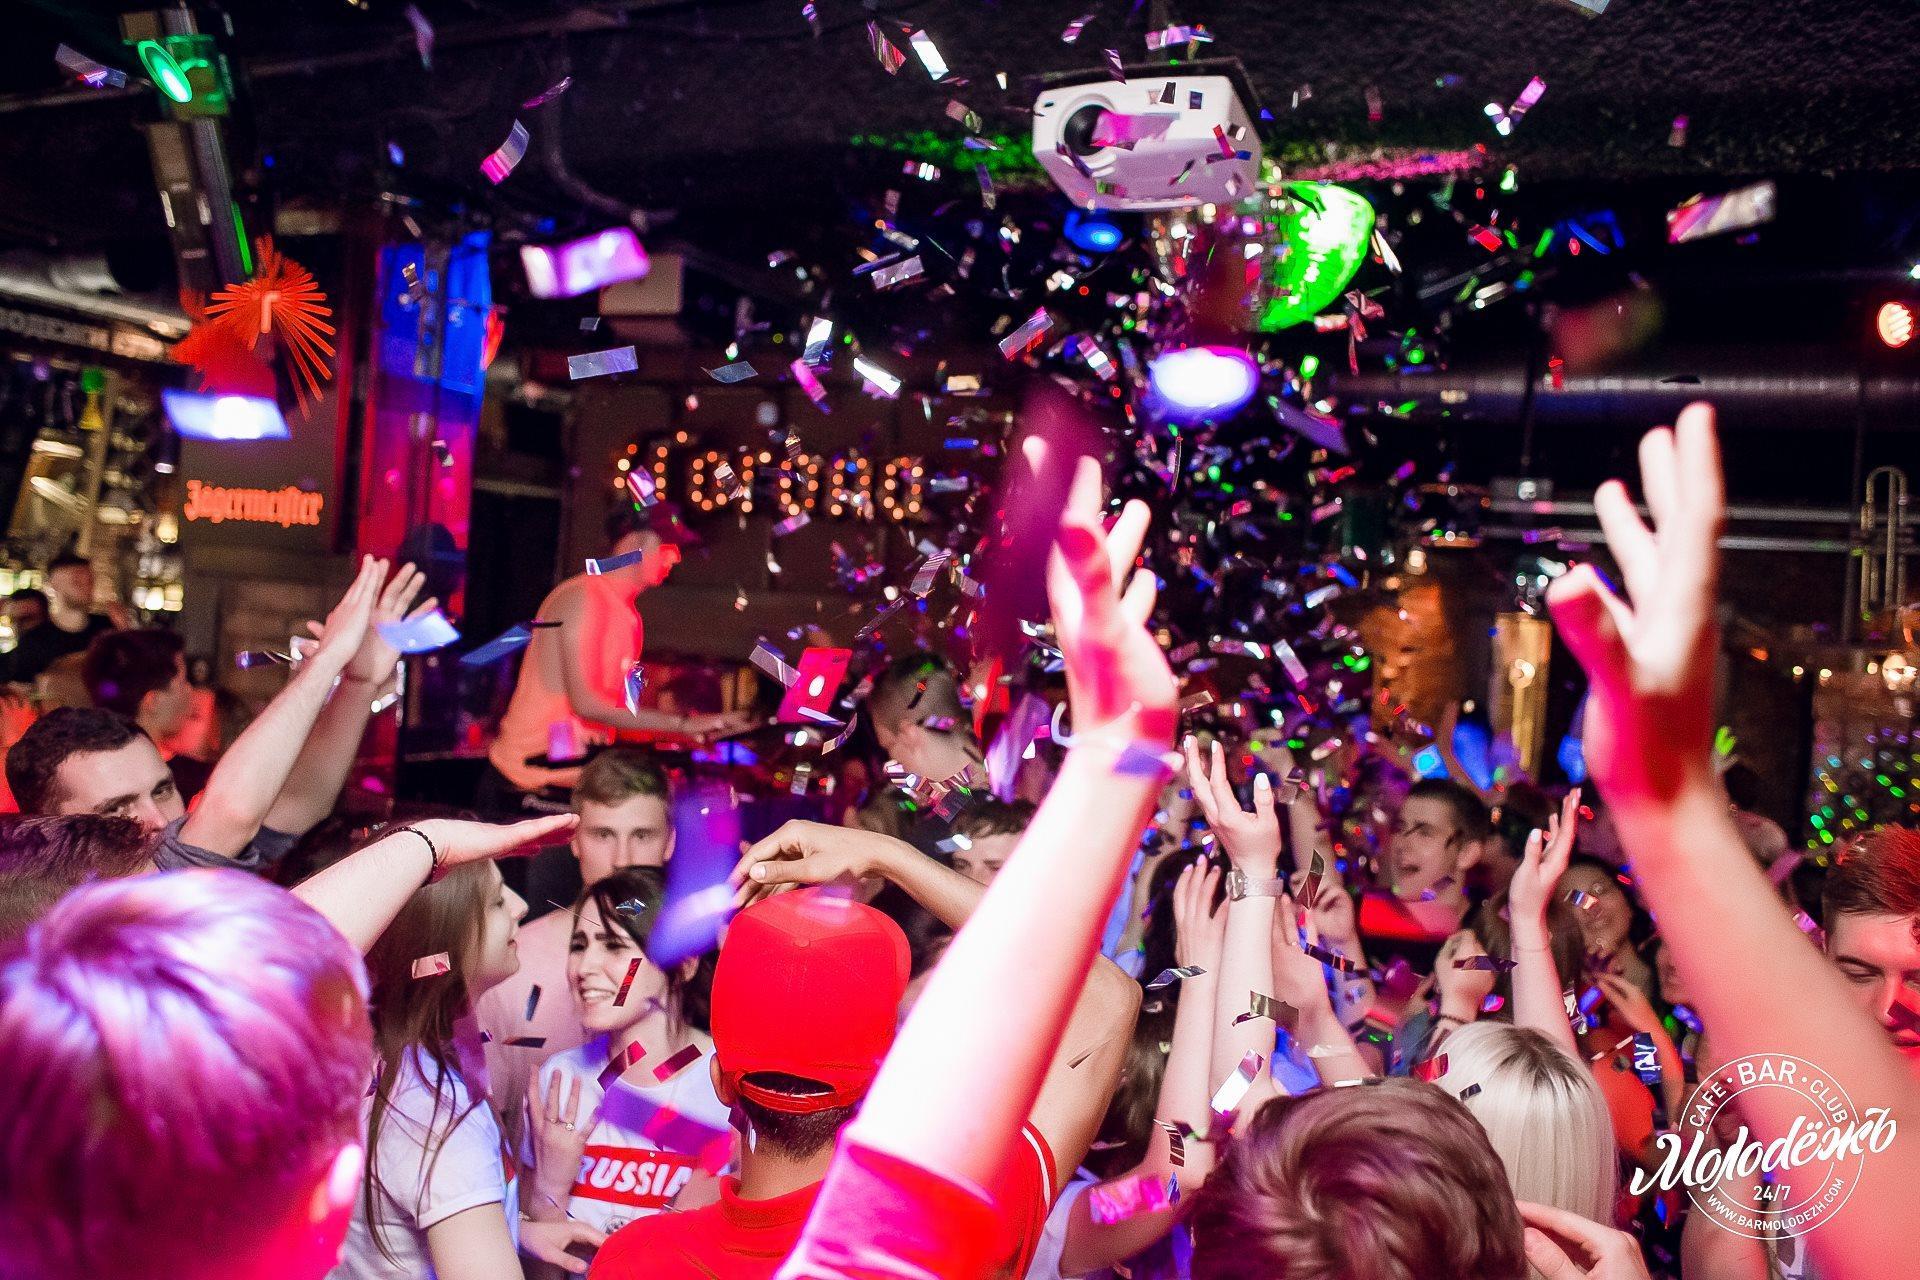 Клубы ночные в москве с танцполом недорого клубы ночные москвы работа